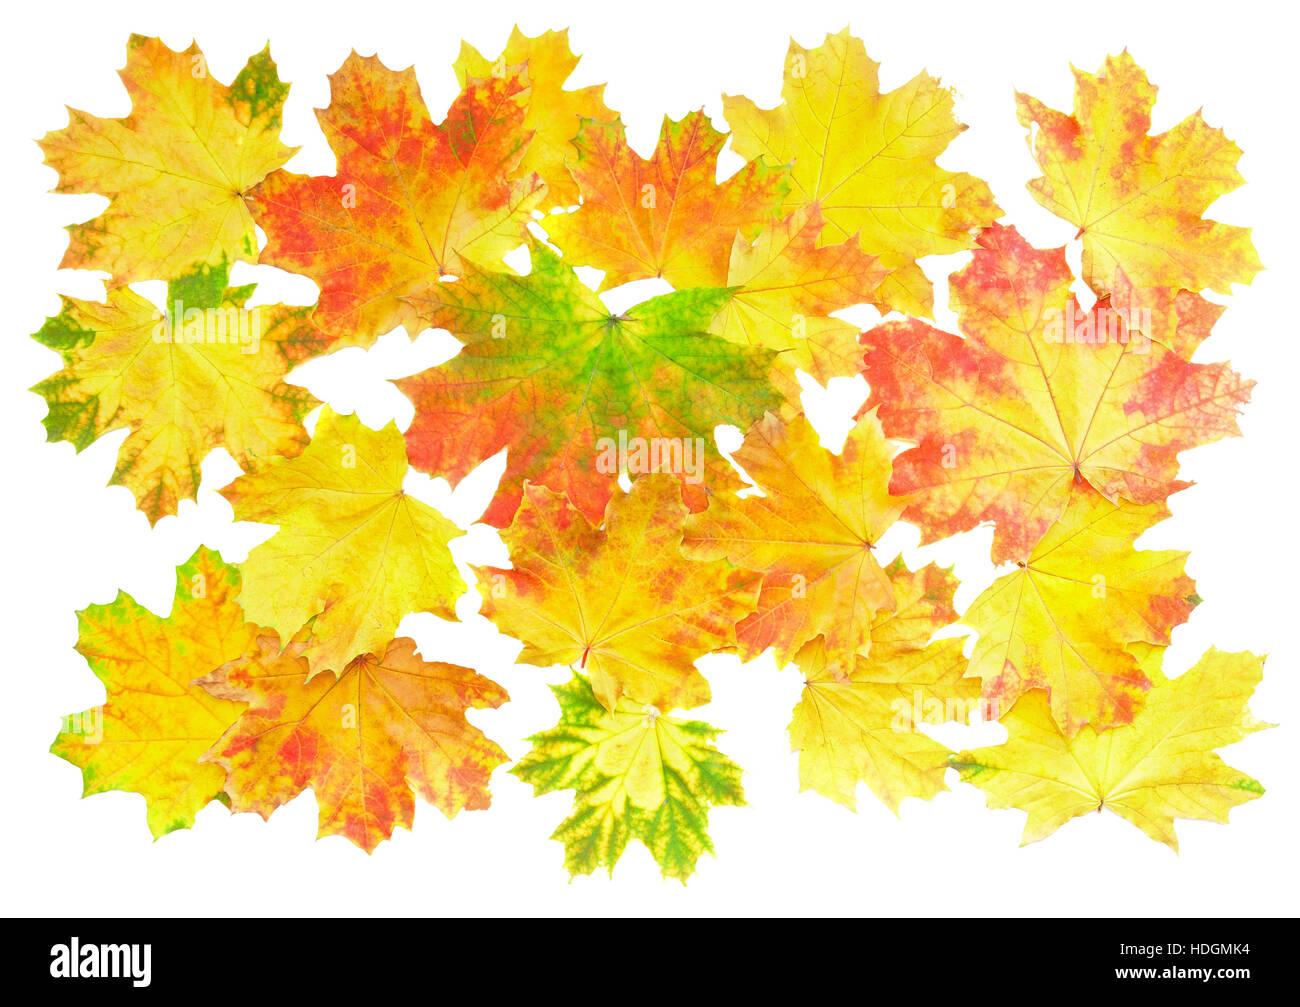 Hintergrund Hintergrundbilder Perfekte Herbst Blatt Uber Weiss